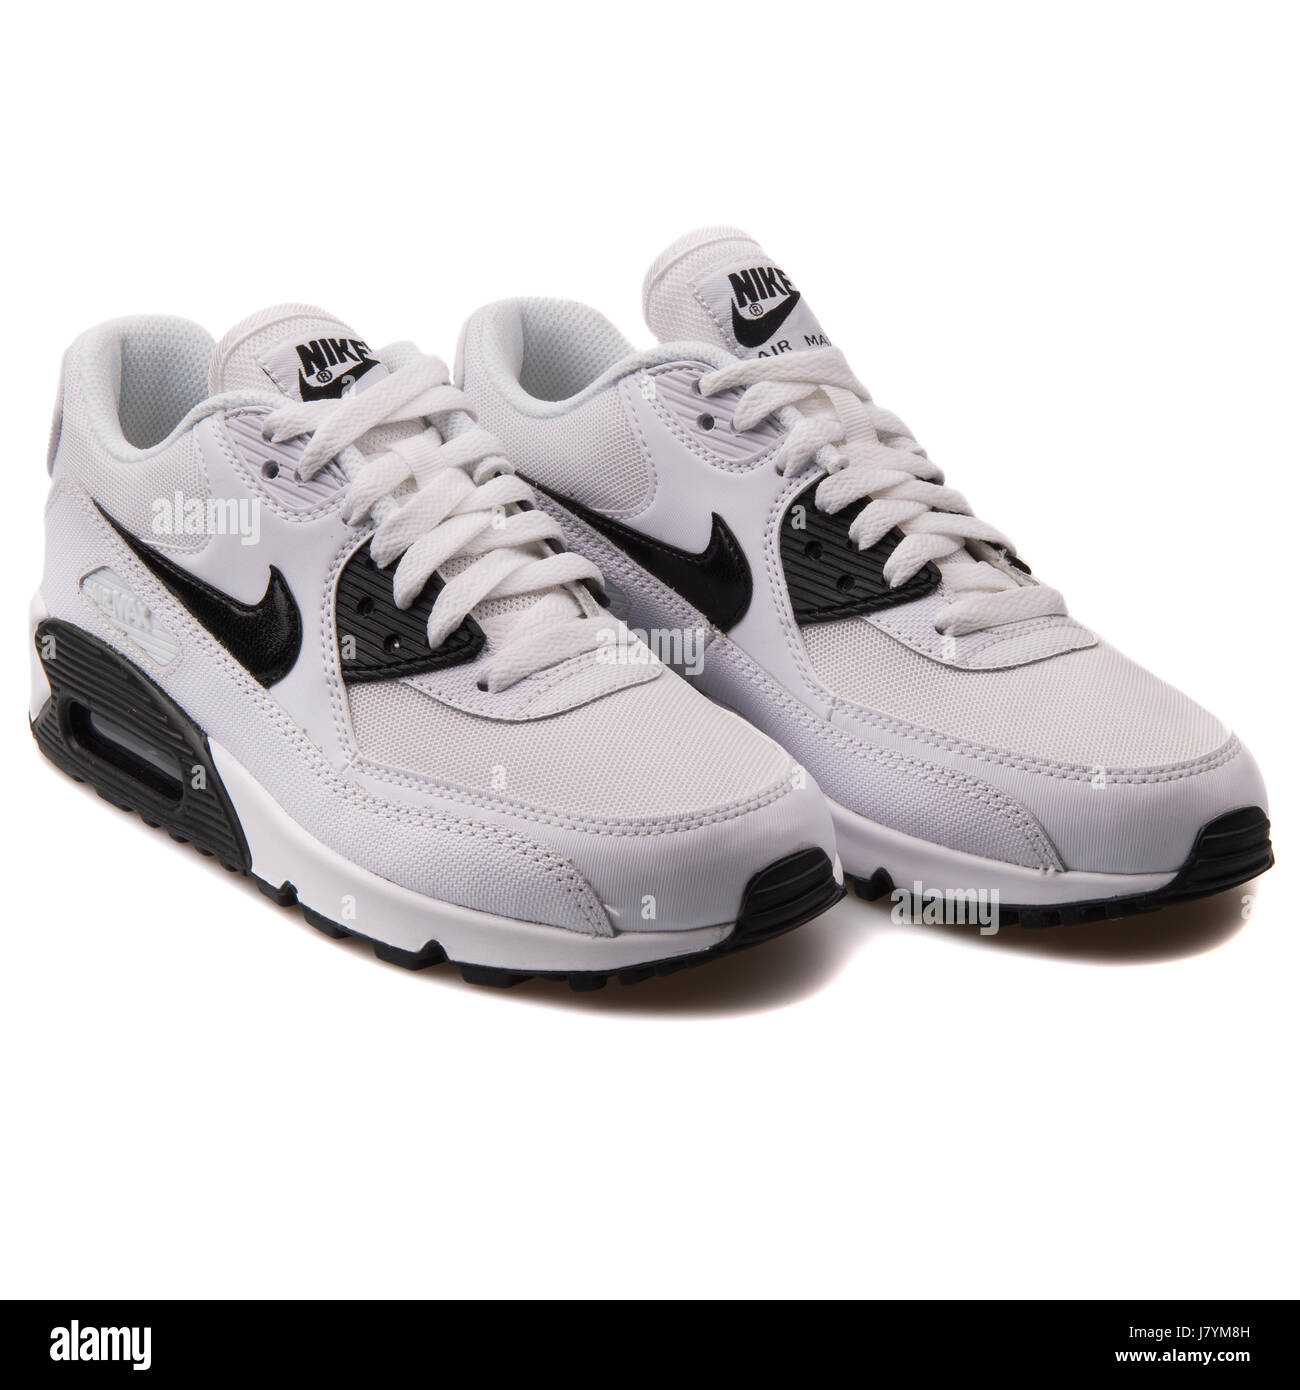 Nike WMNS Air Max 90 wesentliche weiße Damen Sport Sneakers